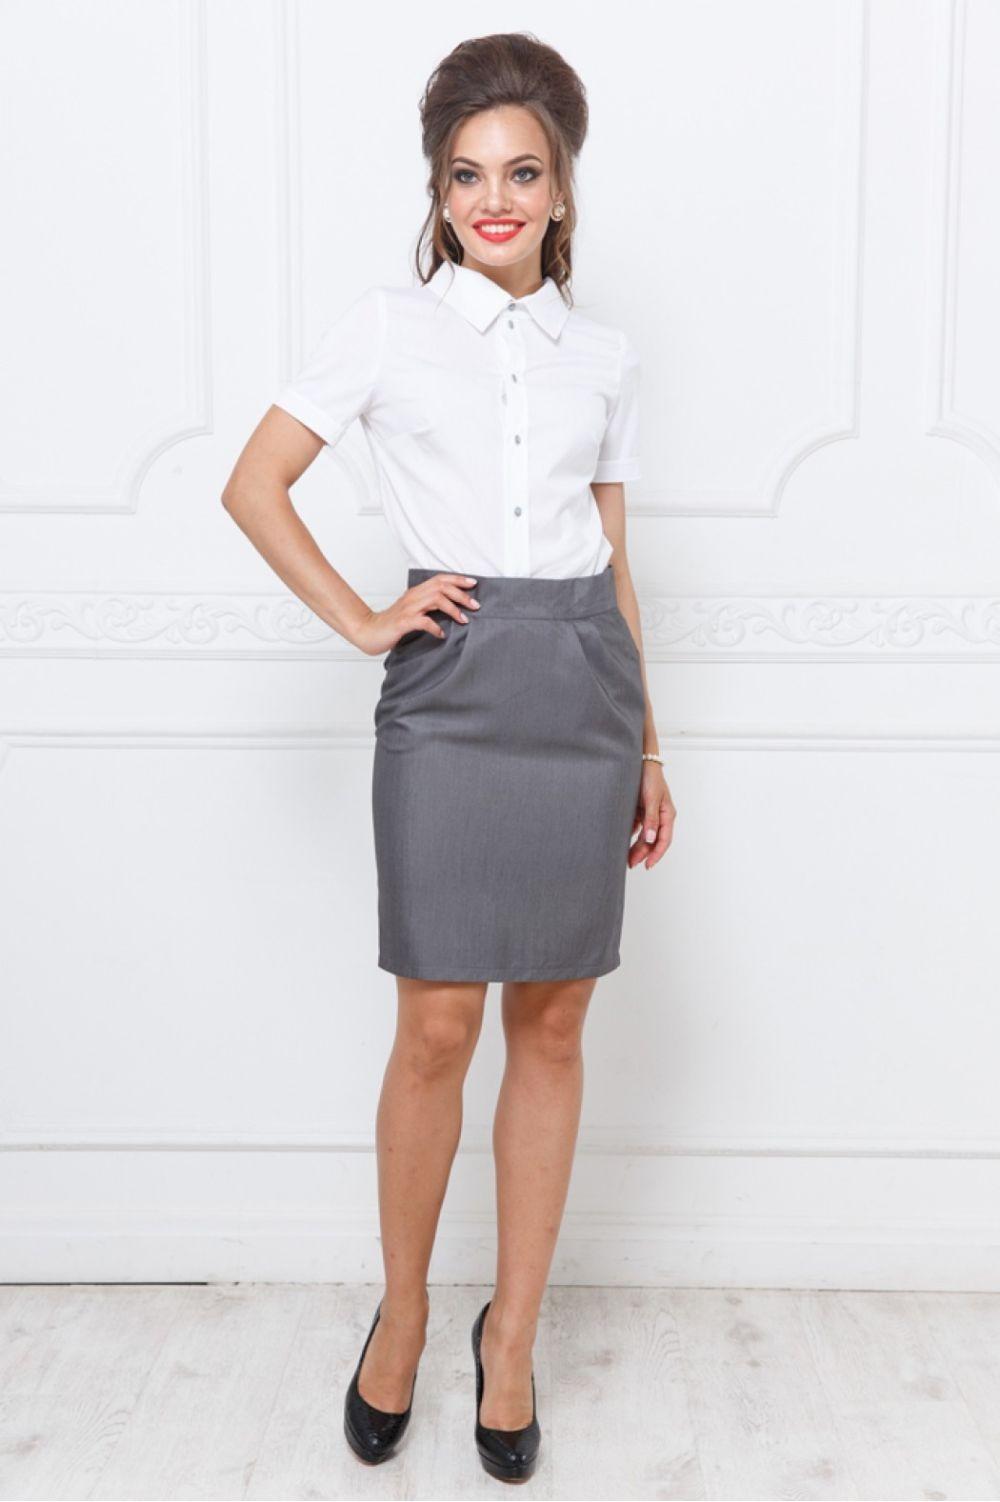 серая юбка с чем носить: юбка карандаш под блузку белую